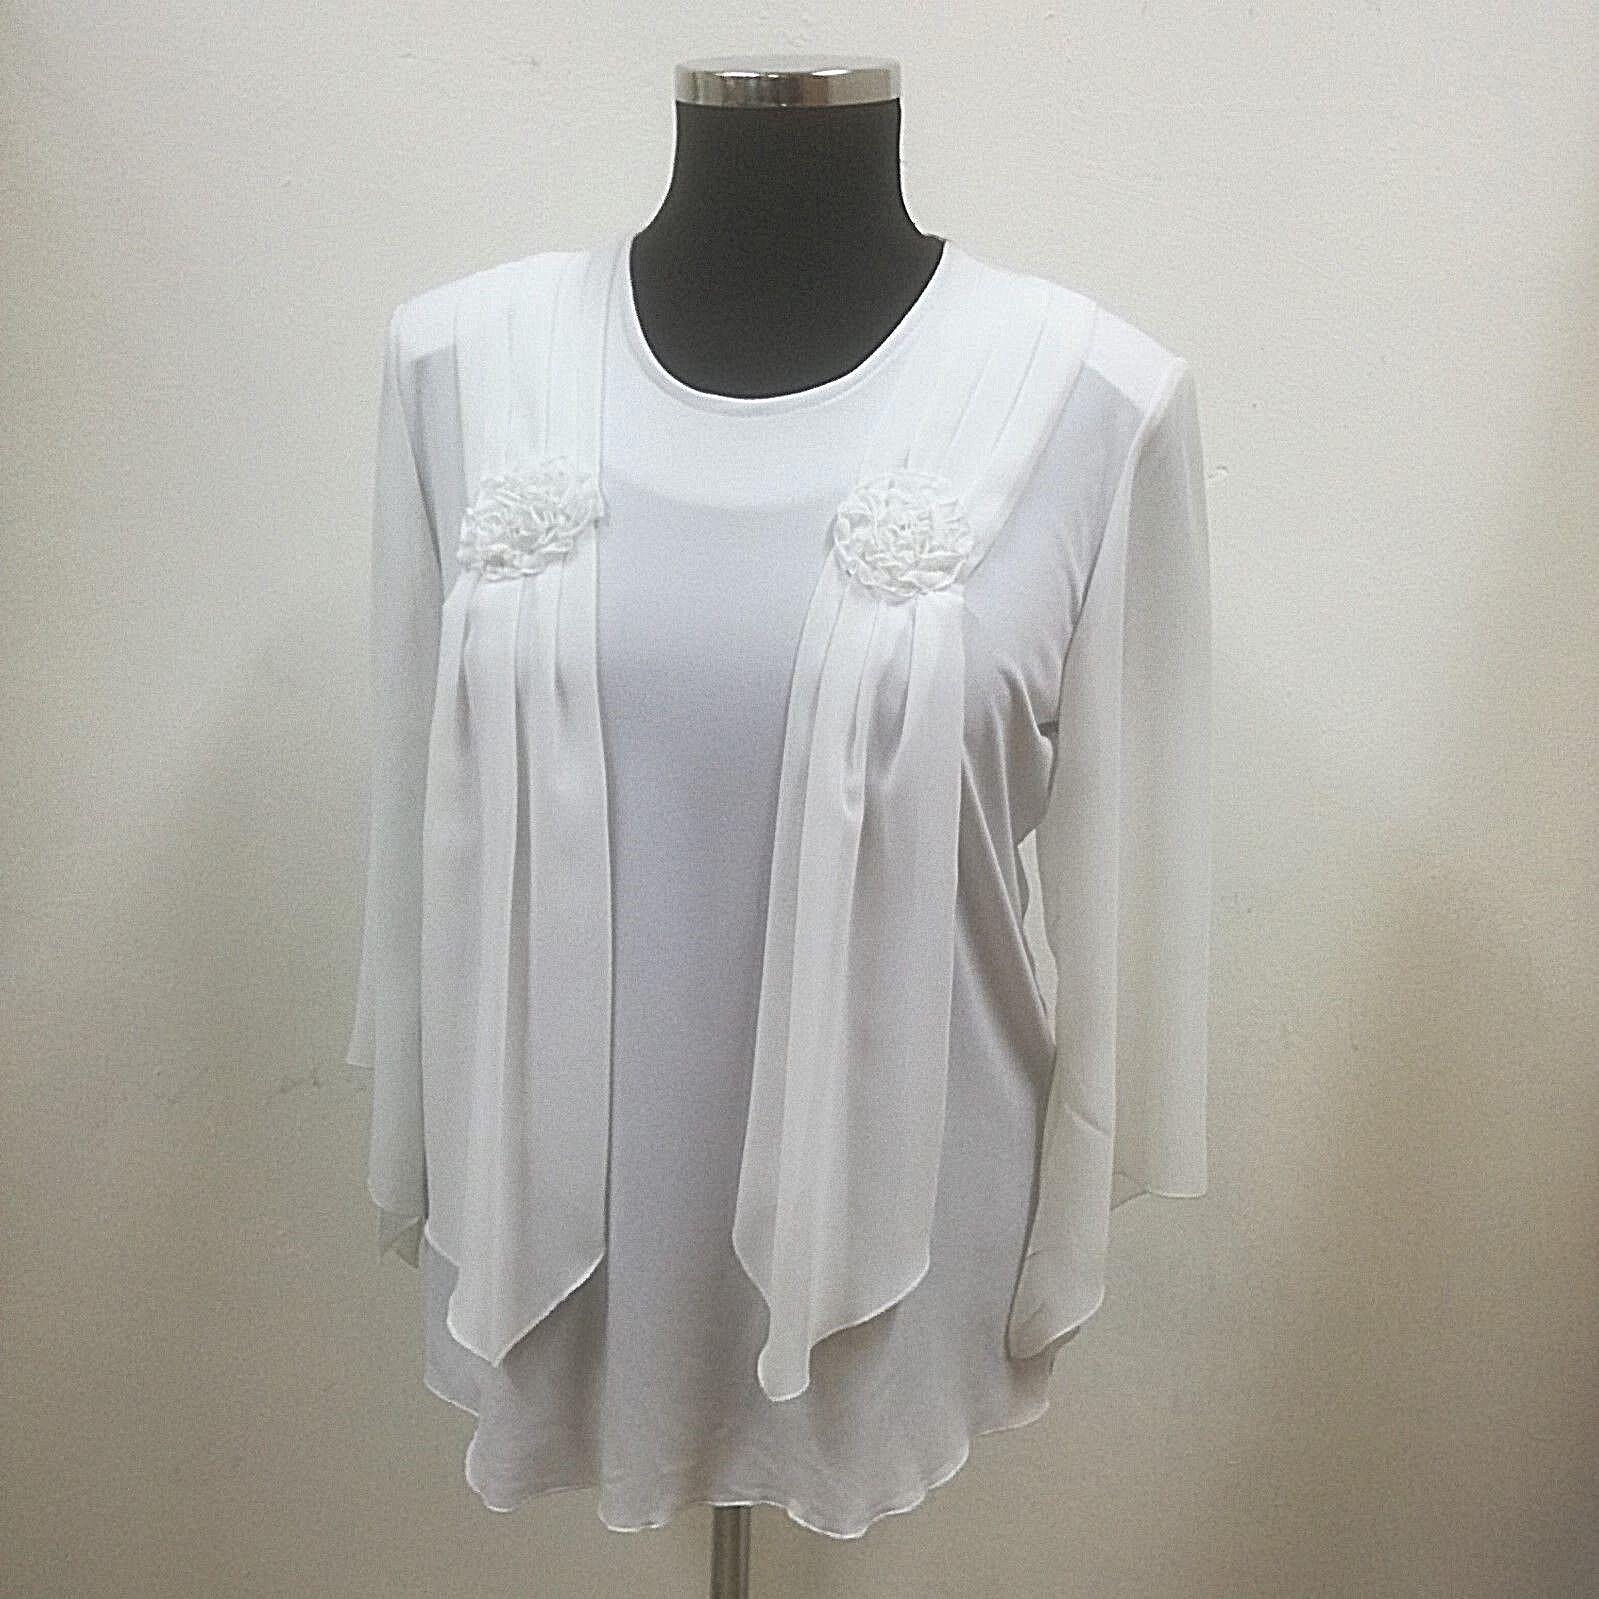 Shirt-Damen, Elizabeth exclusiv, Gr. 42, Rundh, 3 4-Trompetenä, drapierter Schal